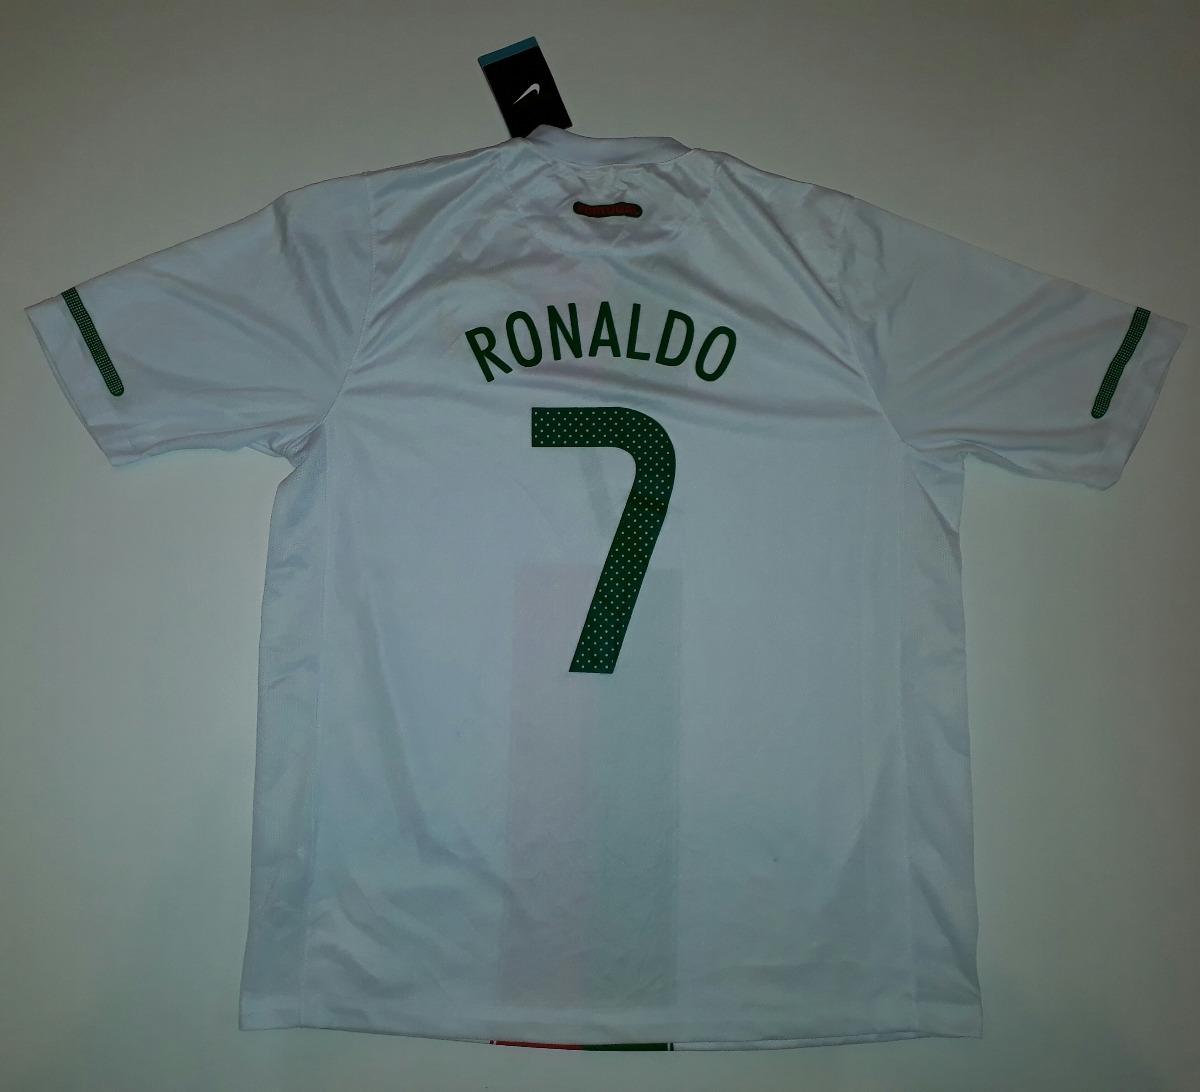 82422a03d5 camisa portugal cristiano ronaldo nike nova africa 2010 - cr. Carregando  zoom.